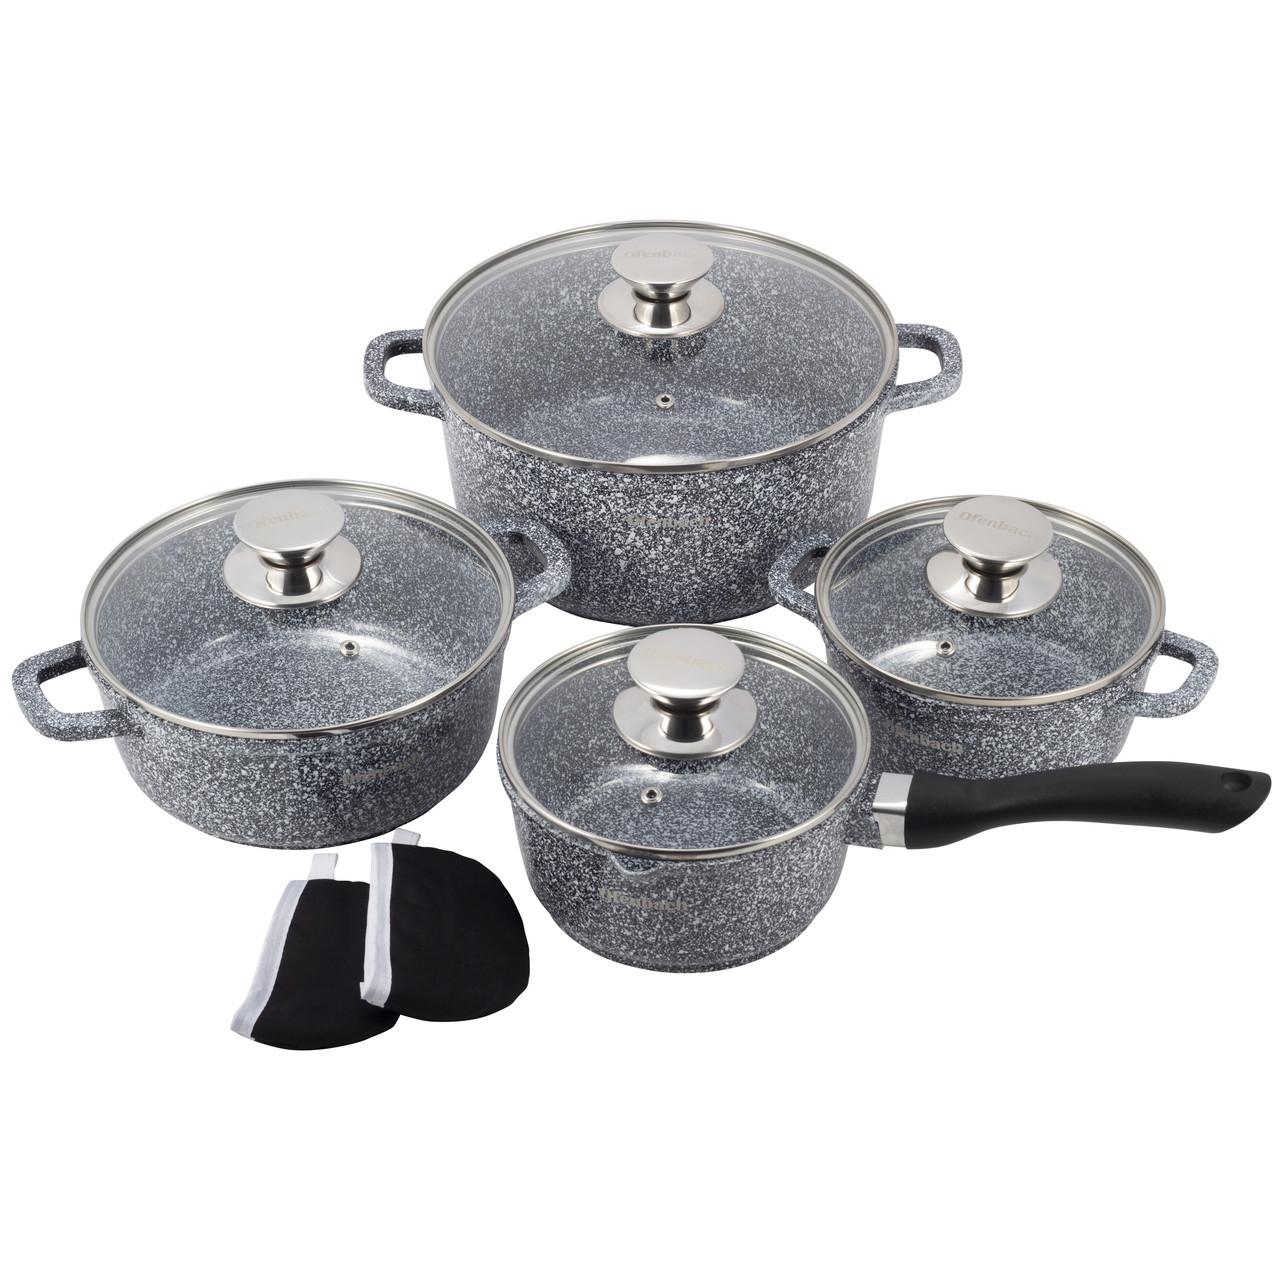 Набор посуды Ofenbach 9 предметов с прихватками (ковш 16см, кастр.16см,20см,24см) KM-100505